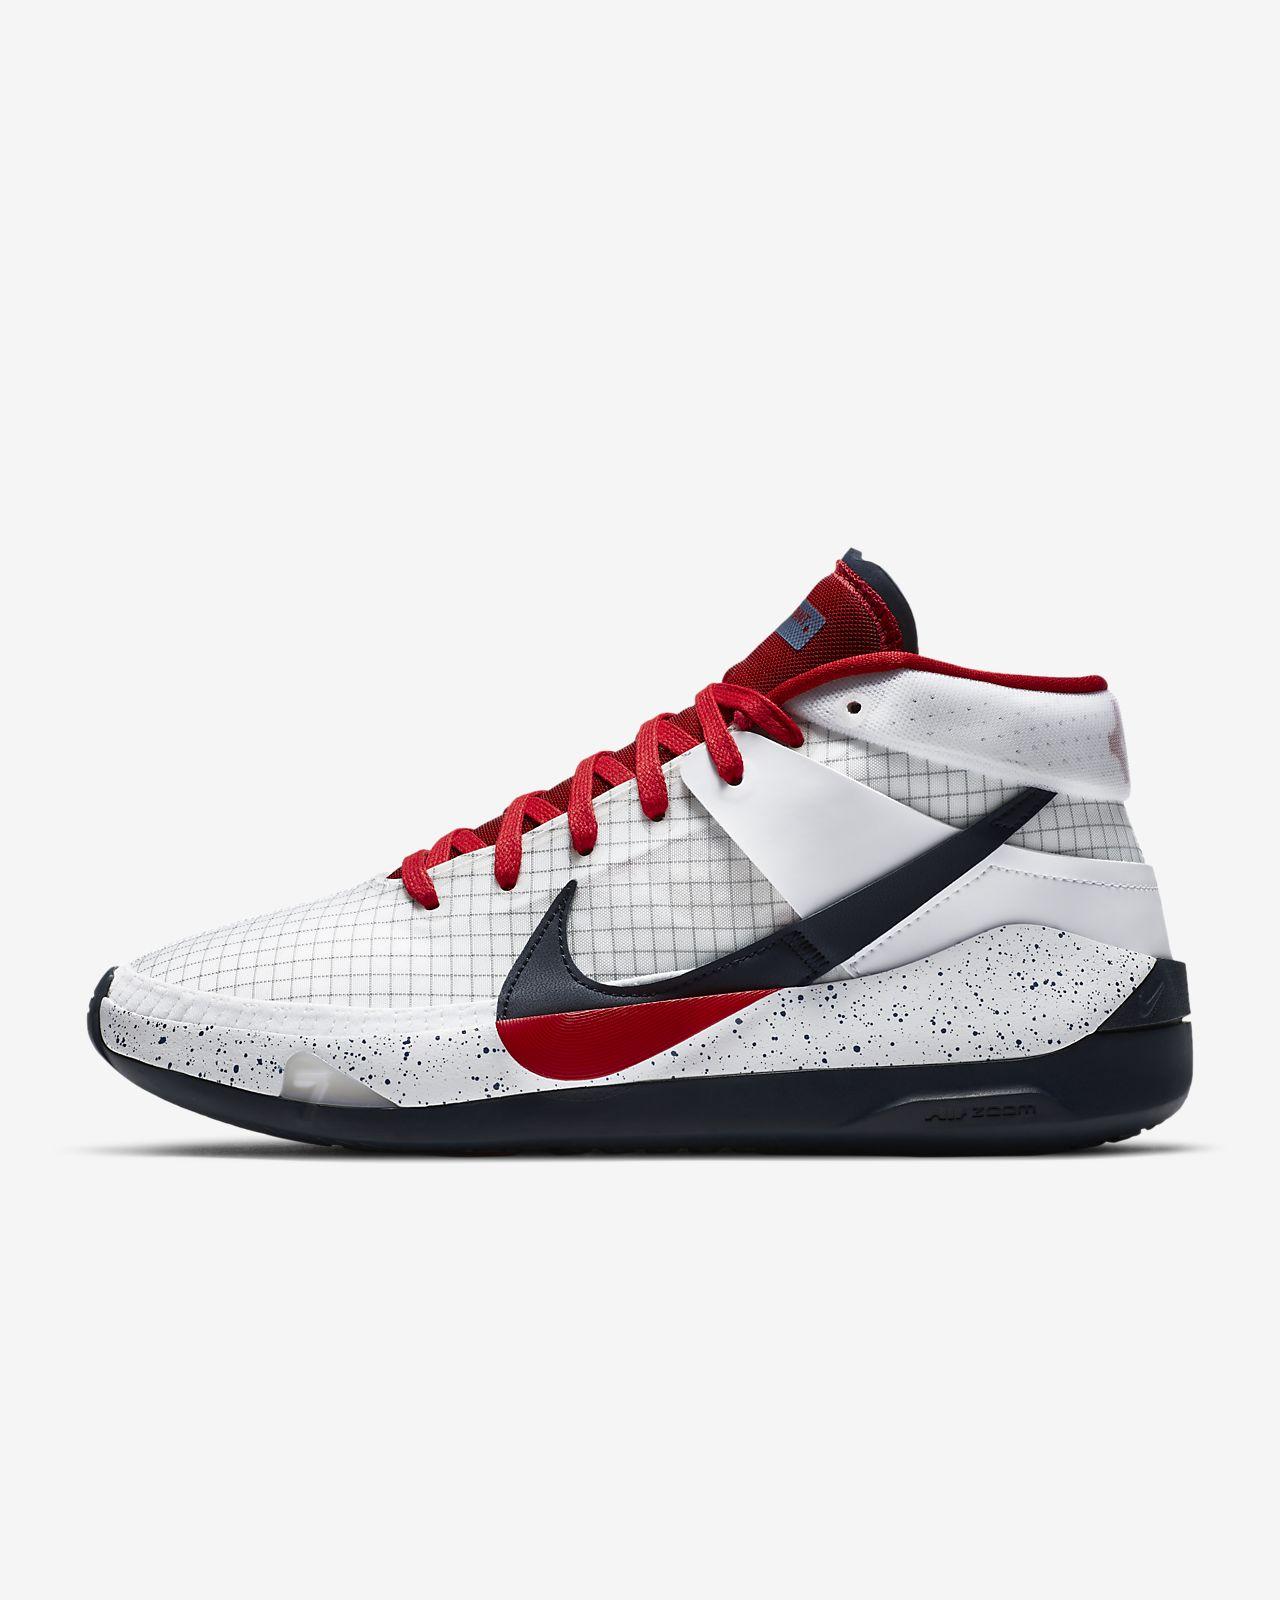 KD13 Zapatillas de baloncesto